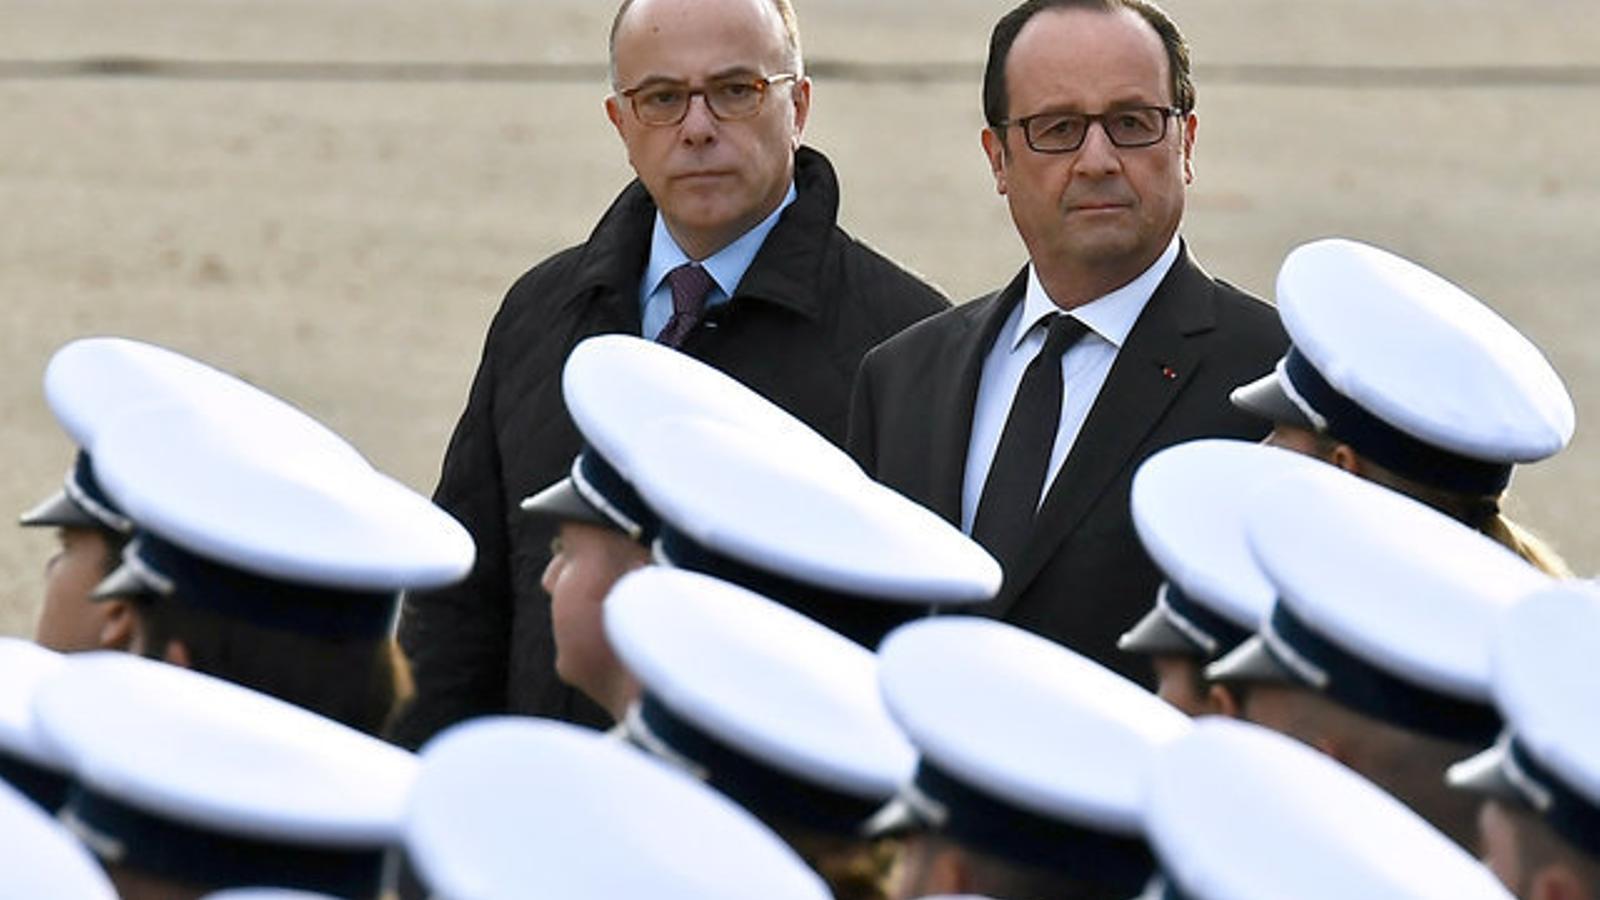 Cazeneuve passa revista el dia de la Policia al costat d'Hollande, en una imatge del 25 de novembre.